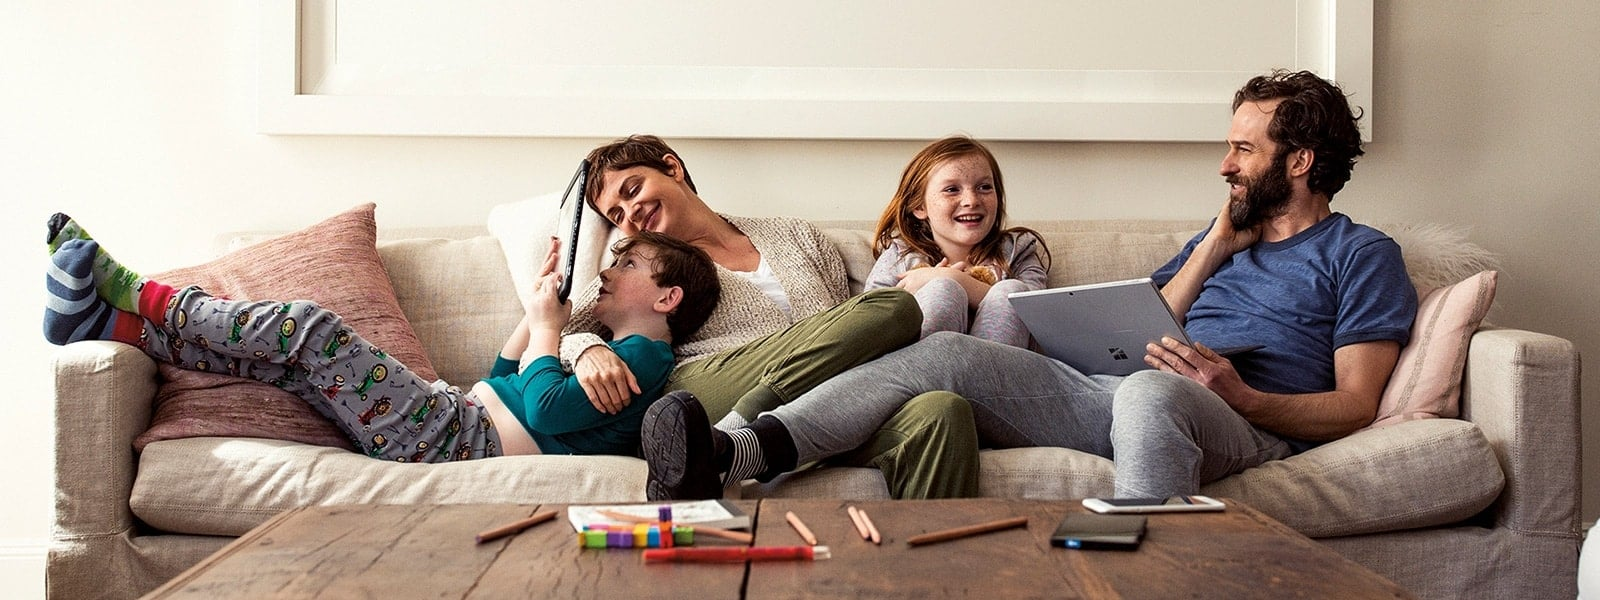 一家人窩在沙發上